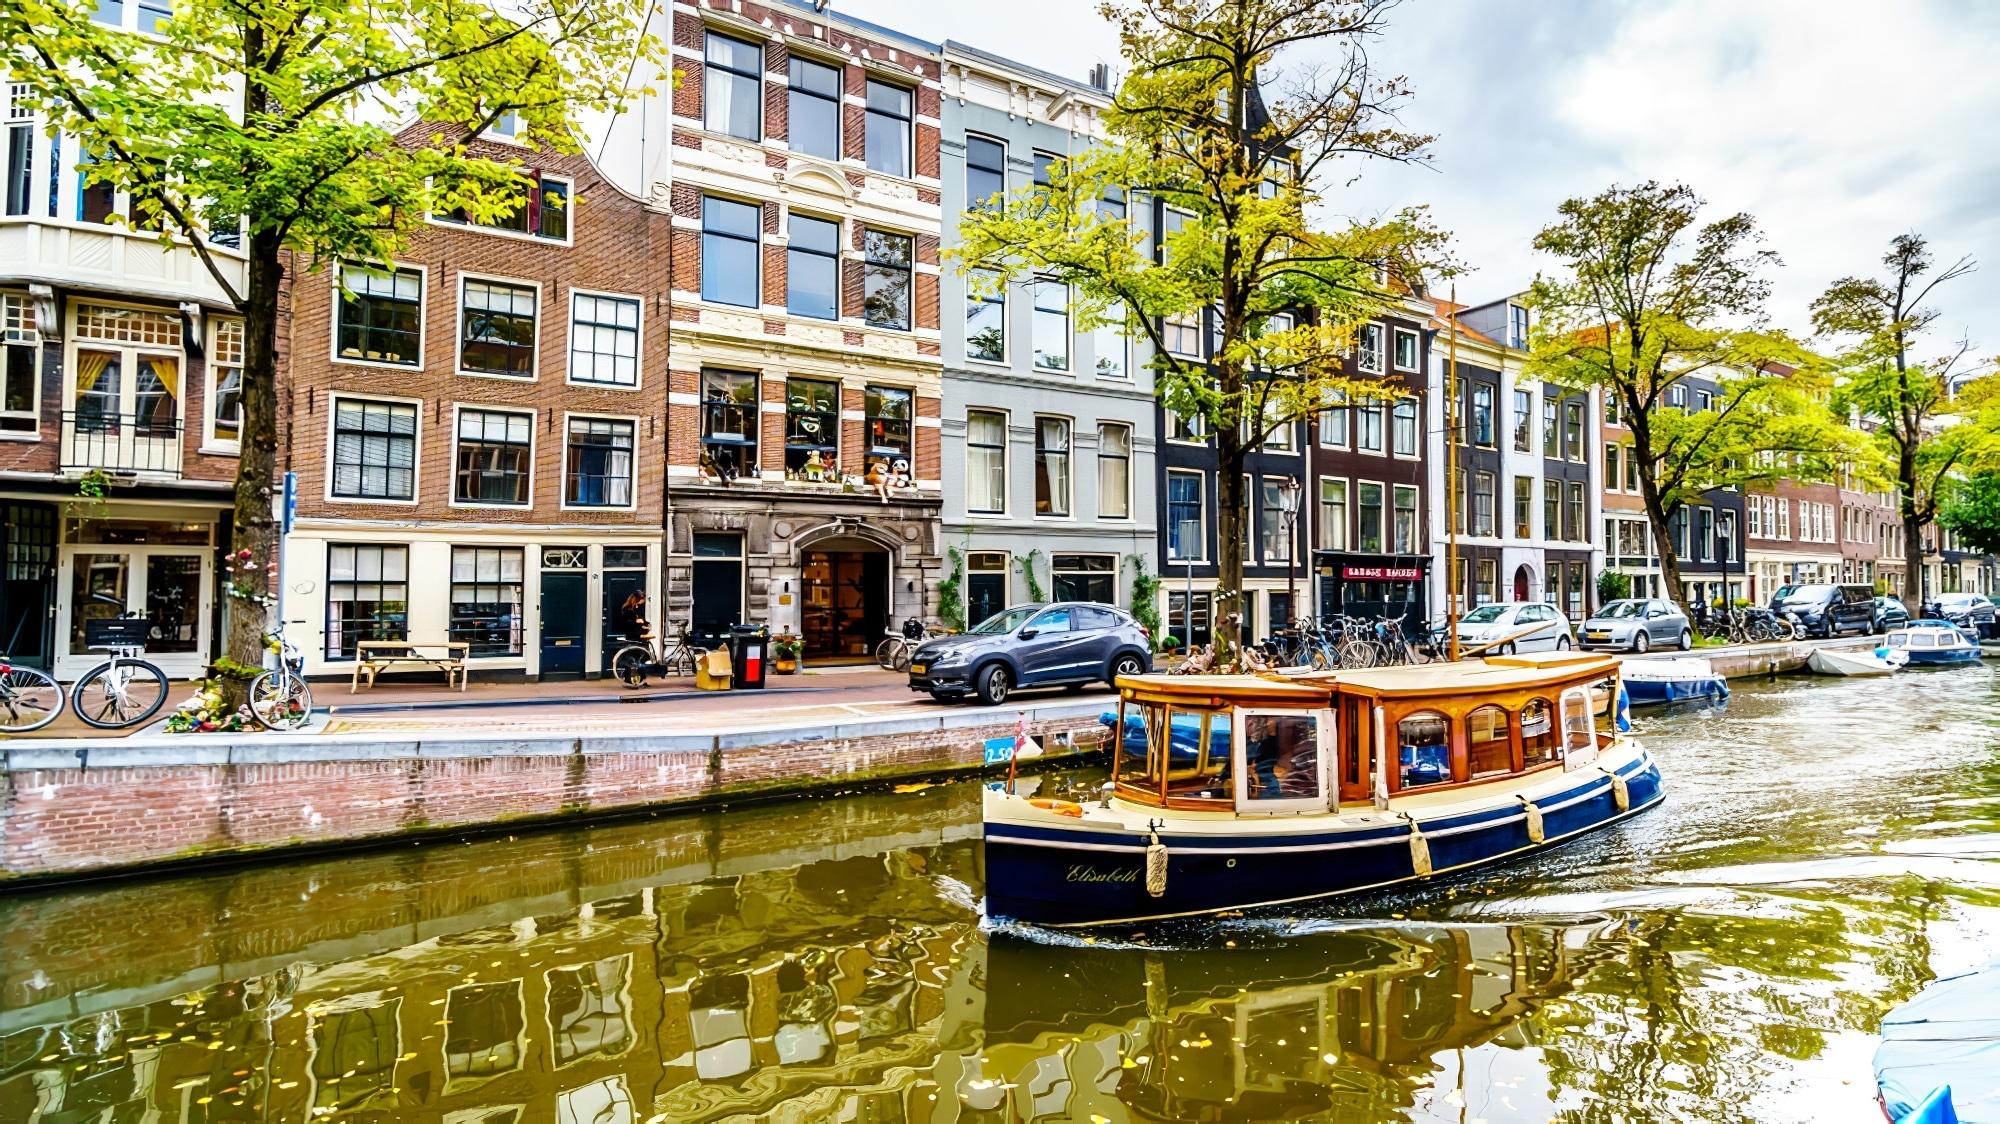 Bateau sur le canal, Jordaan, Amsterdam